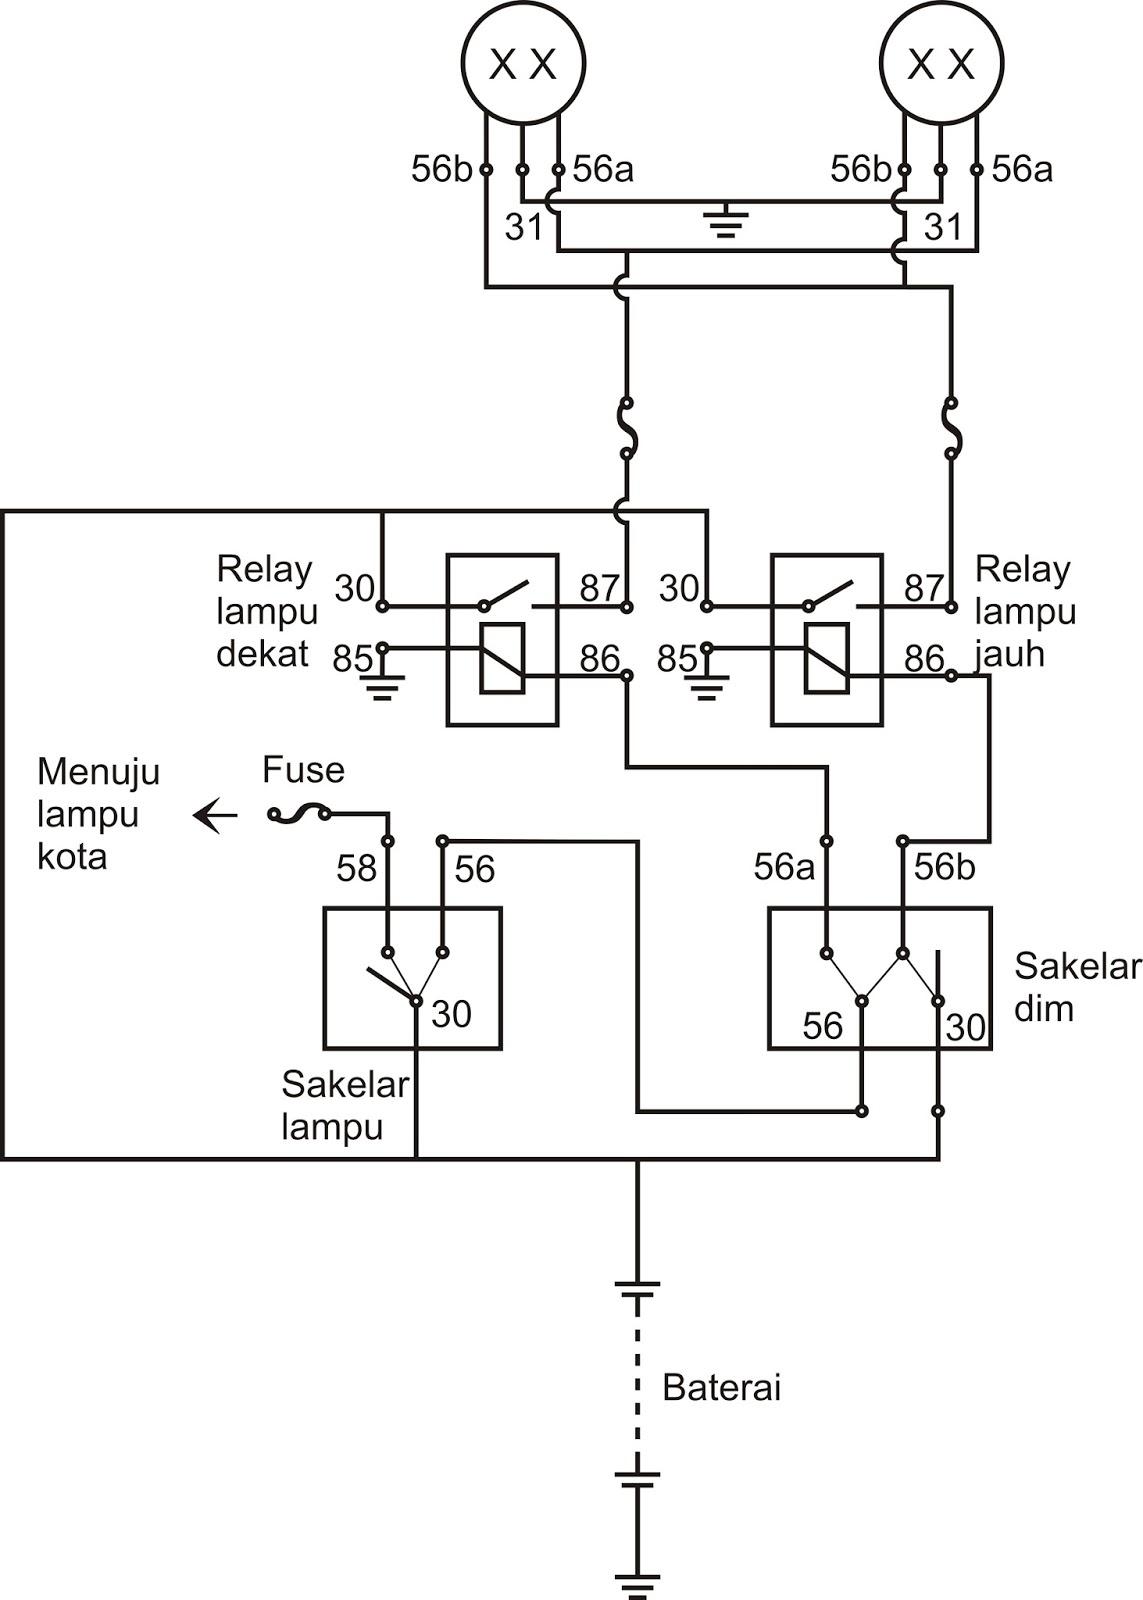 Diagram Wiring Diagram Lampu Belakang Full Version Hd Quality Lampu Belakang Freezewiring8018 Contorock It